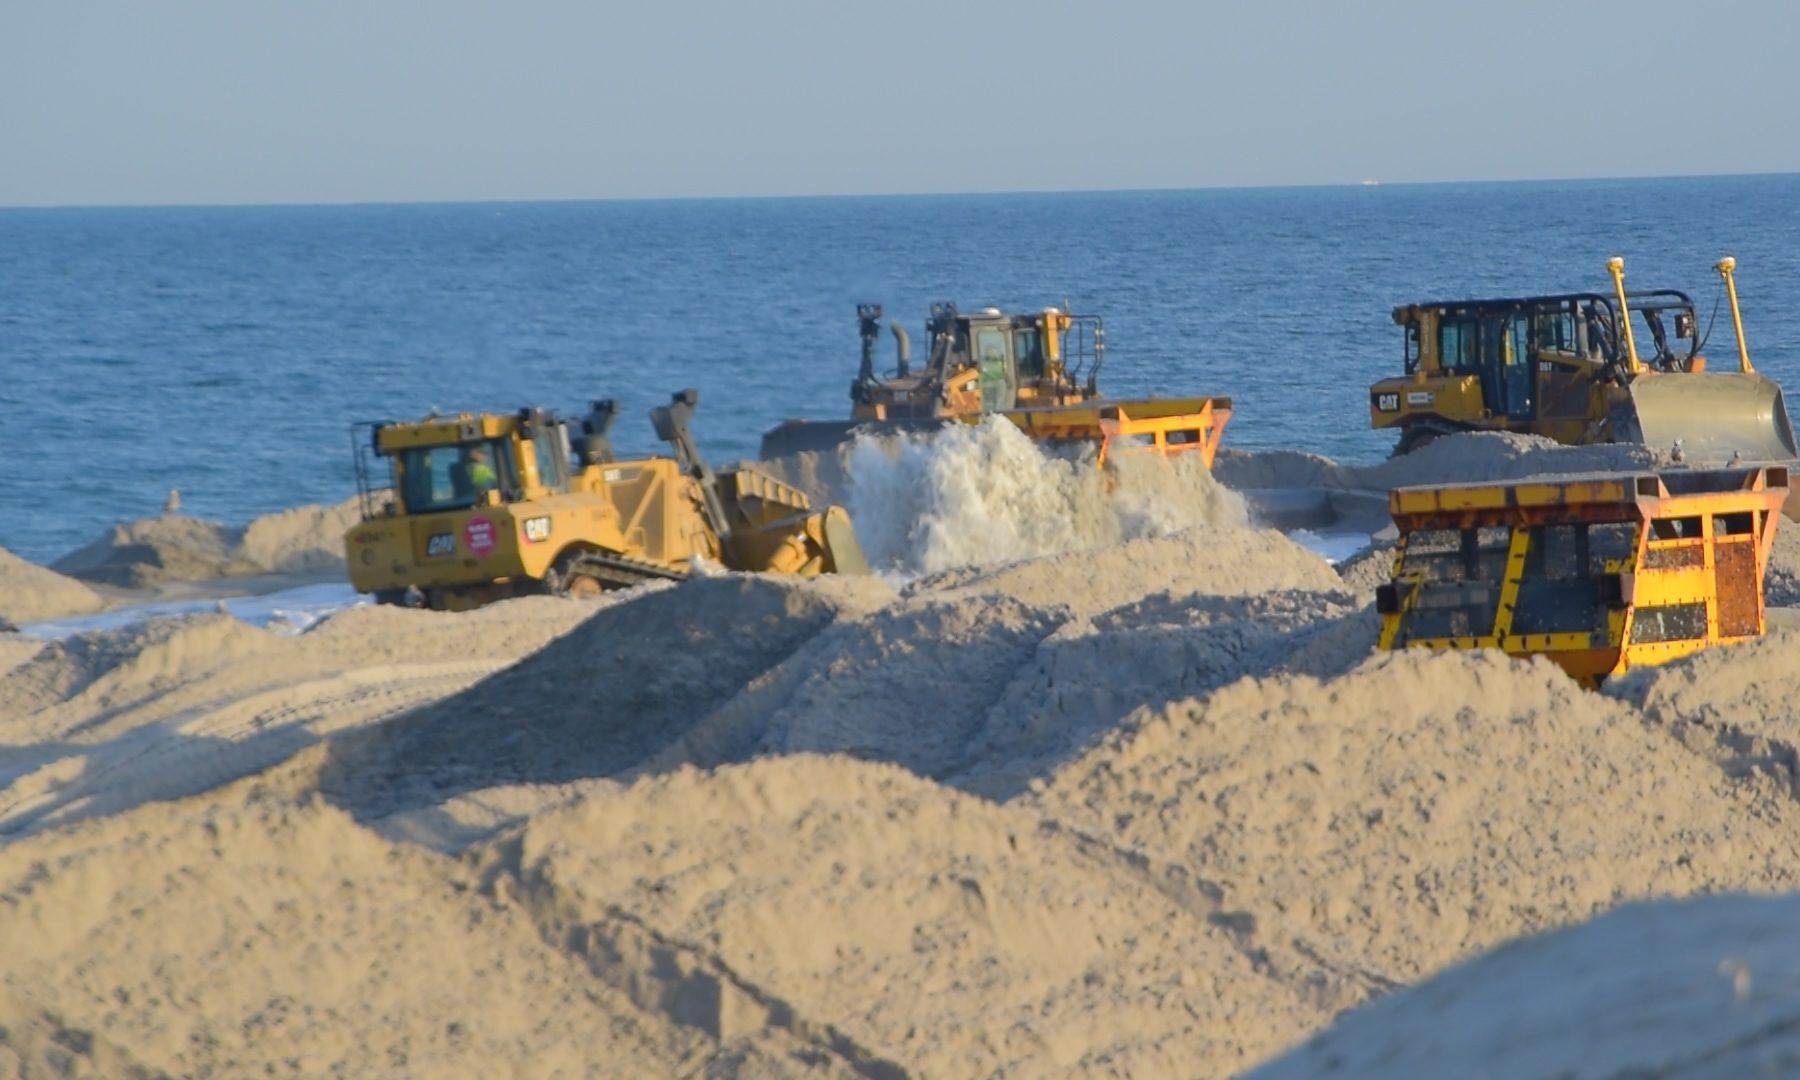 Beach replenishment work in Lavallette, April 4, 2019. (Photo: Daniel Nee)